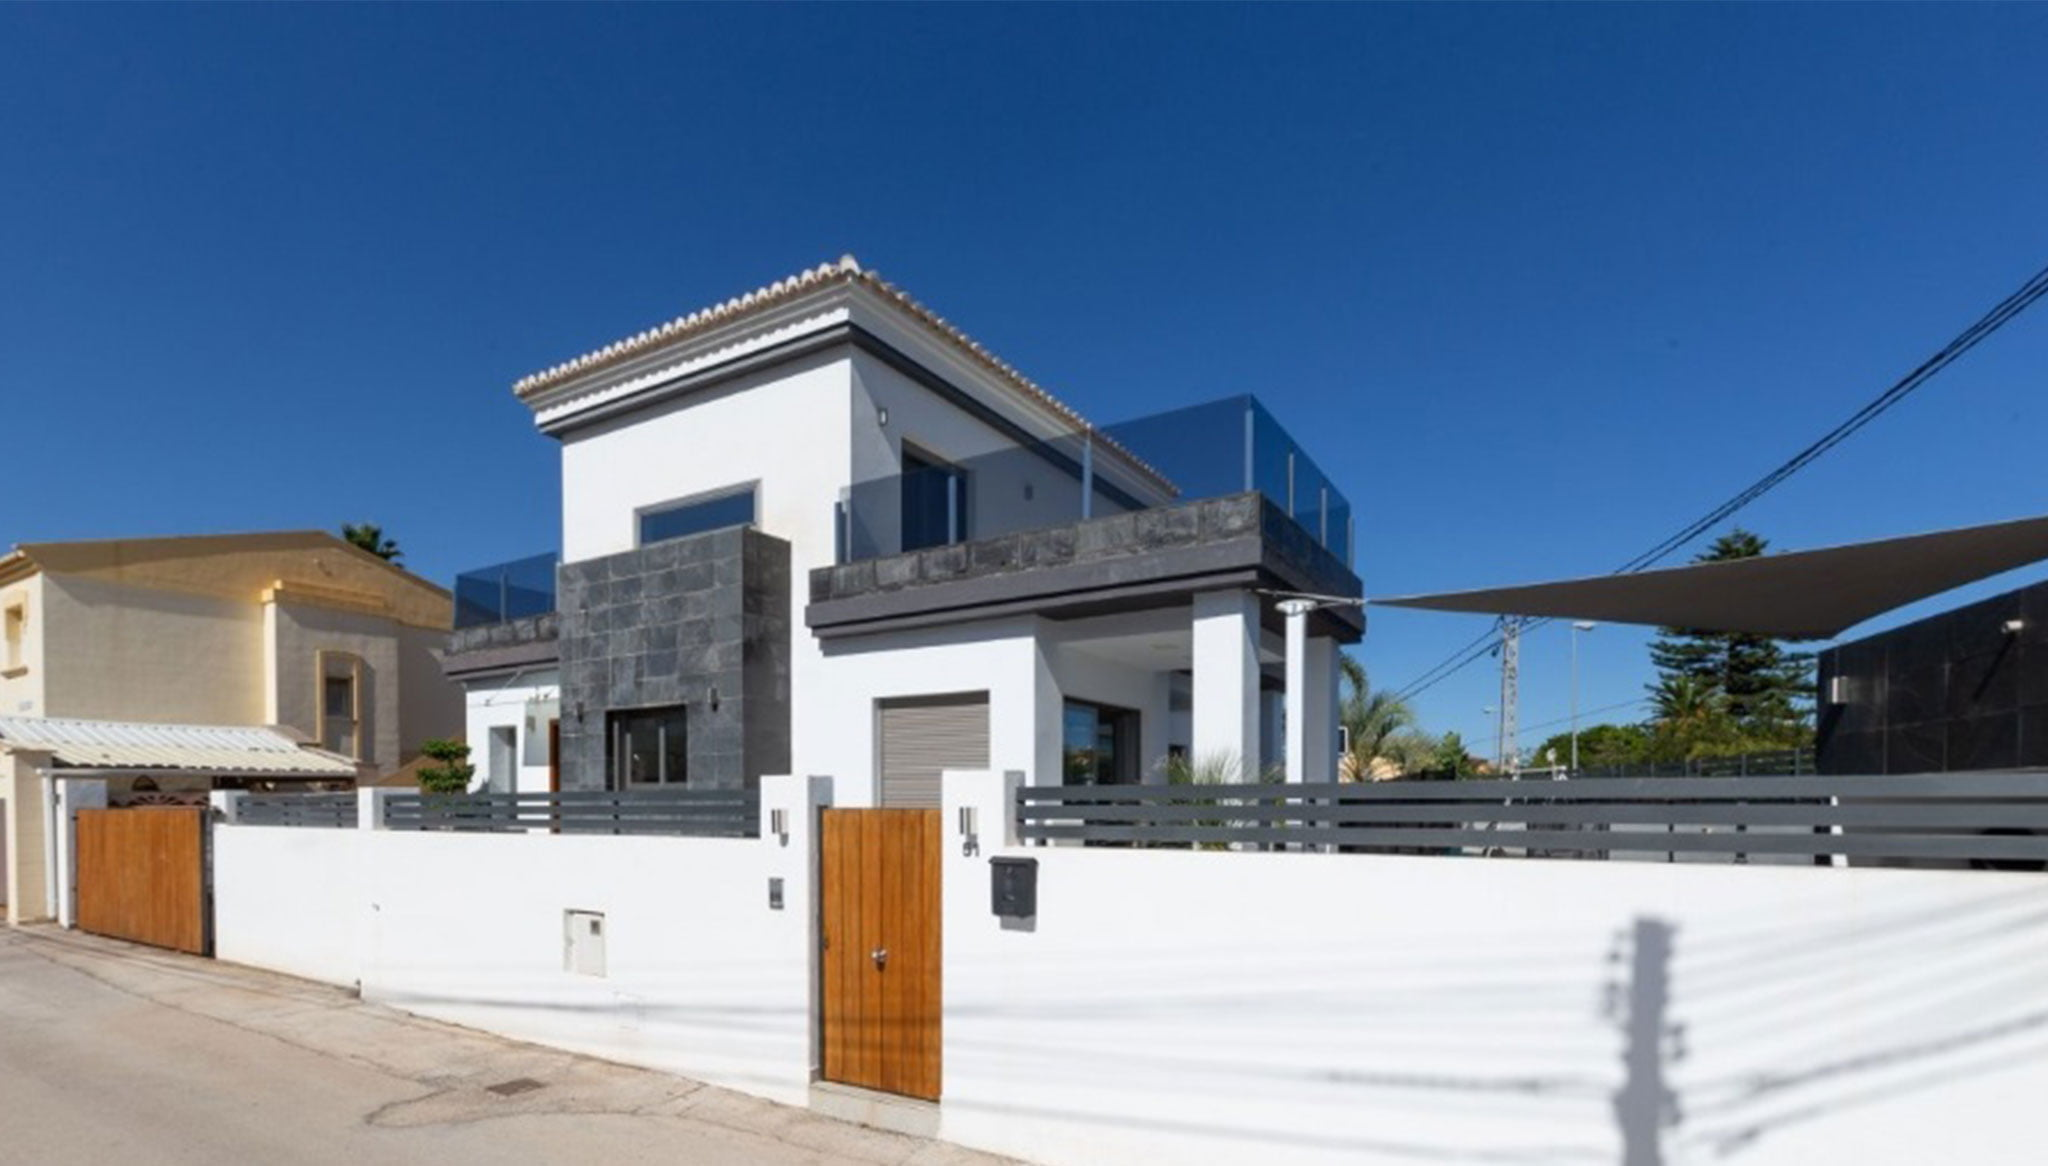 Extérieur d'une villa de luxe aux lignes modernes - MLS Dénia Inmobiliarias